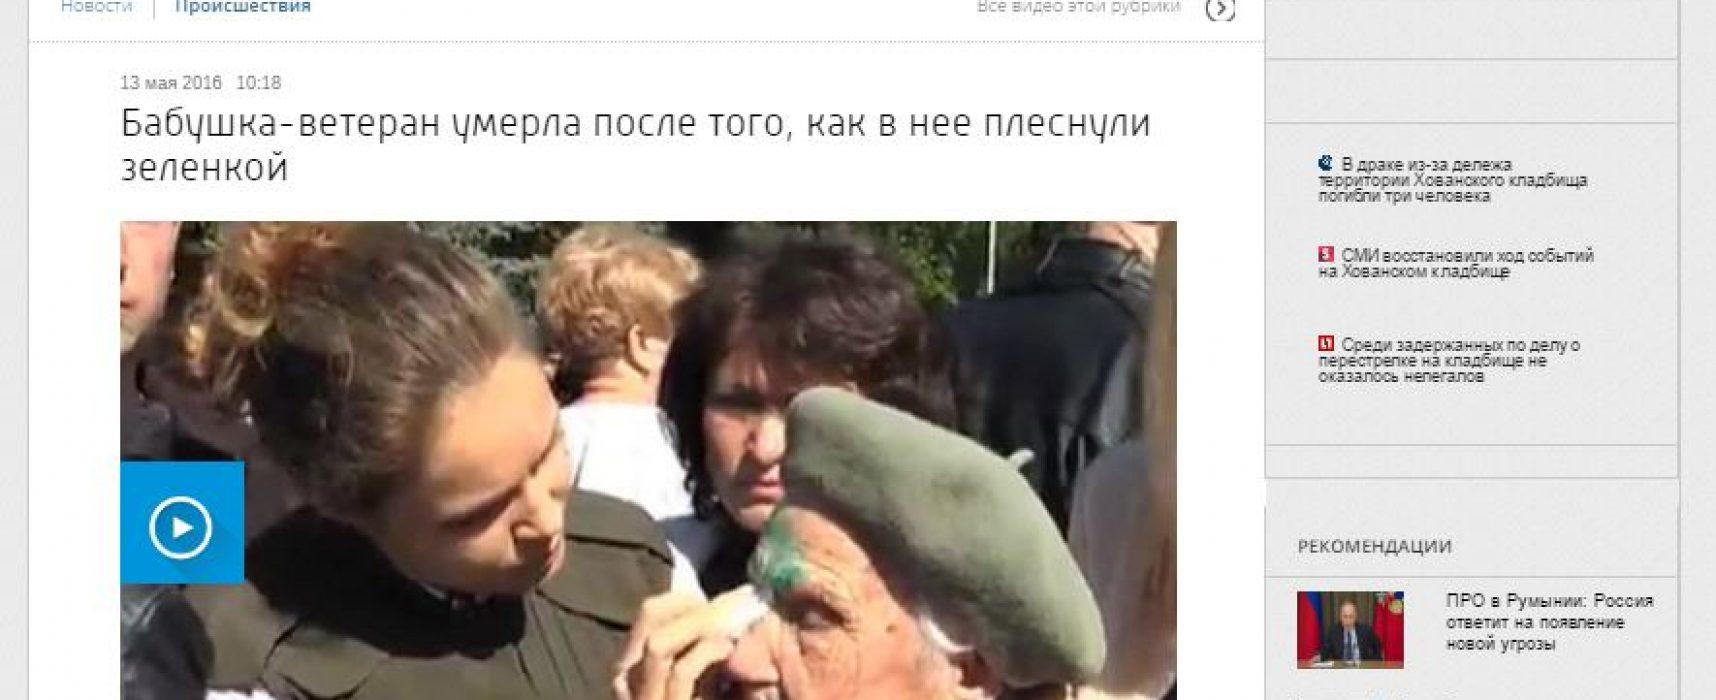 Fake : Les médias russes ont « enterré» vivante une ancienne combattante de Slaviansk